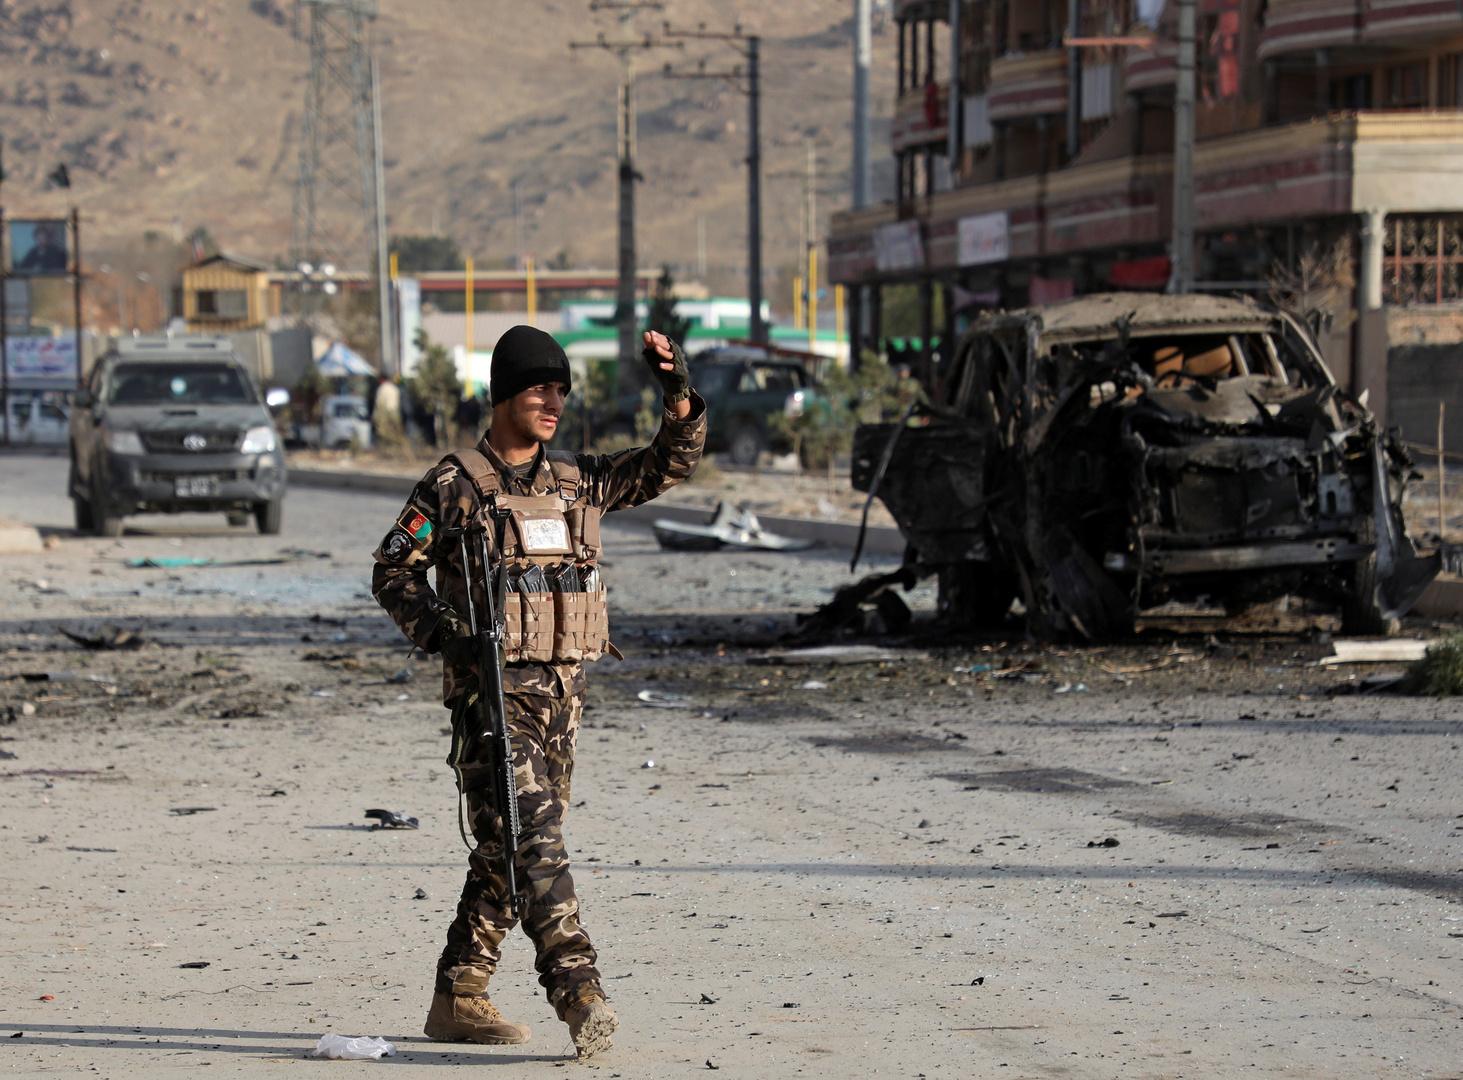 أفغانستان.. 26 قتيلا في صفوف قوات الأمن جراء سلسلة هجمات لـ